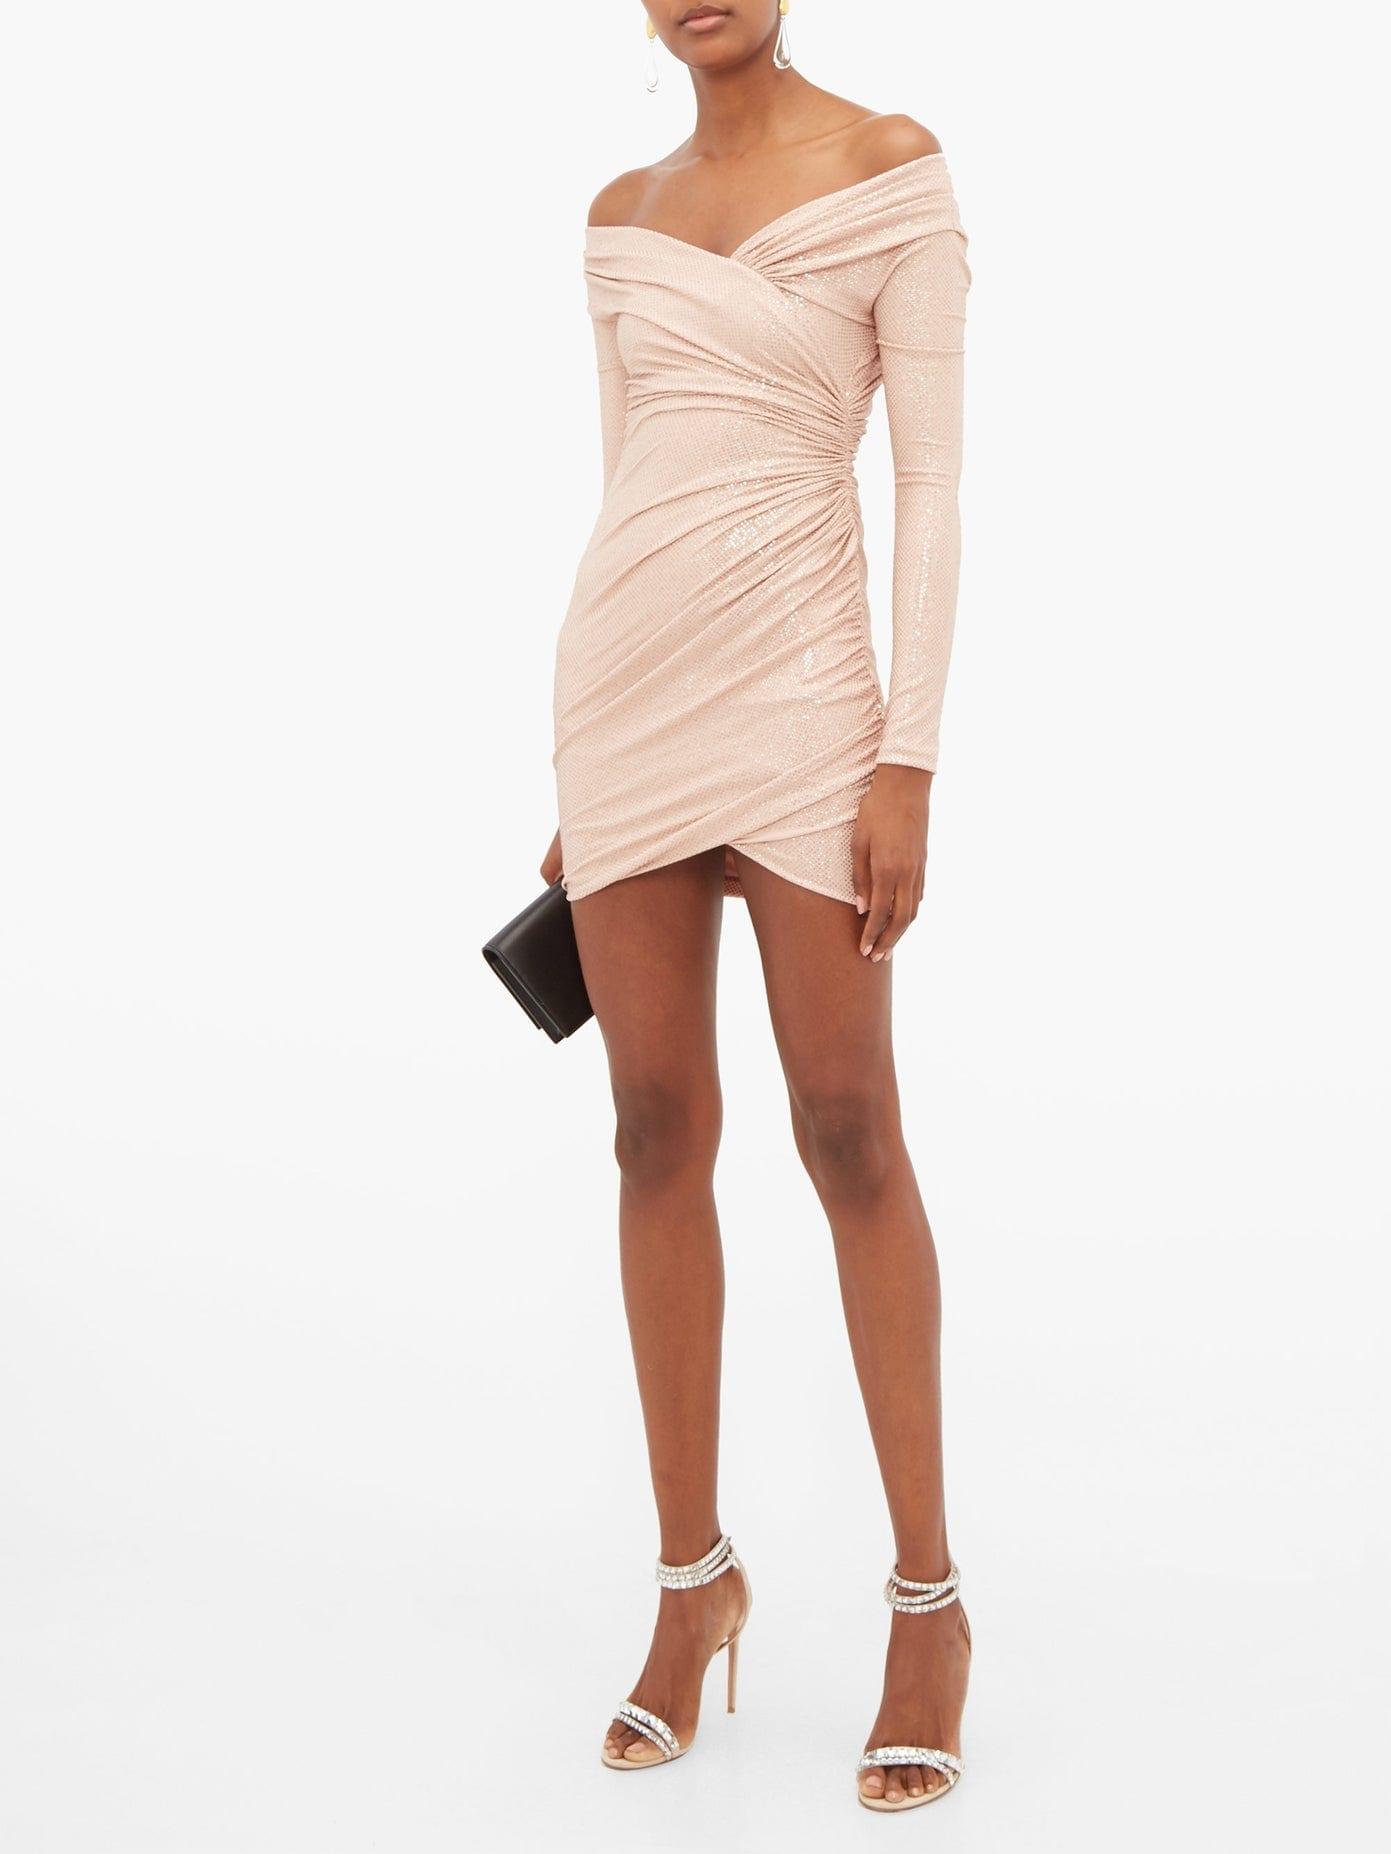 ALEXANDRE VAUTHIER Crystal-embellished Off-the-shoulder Jersey Dress